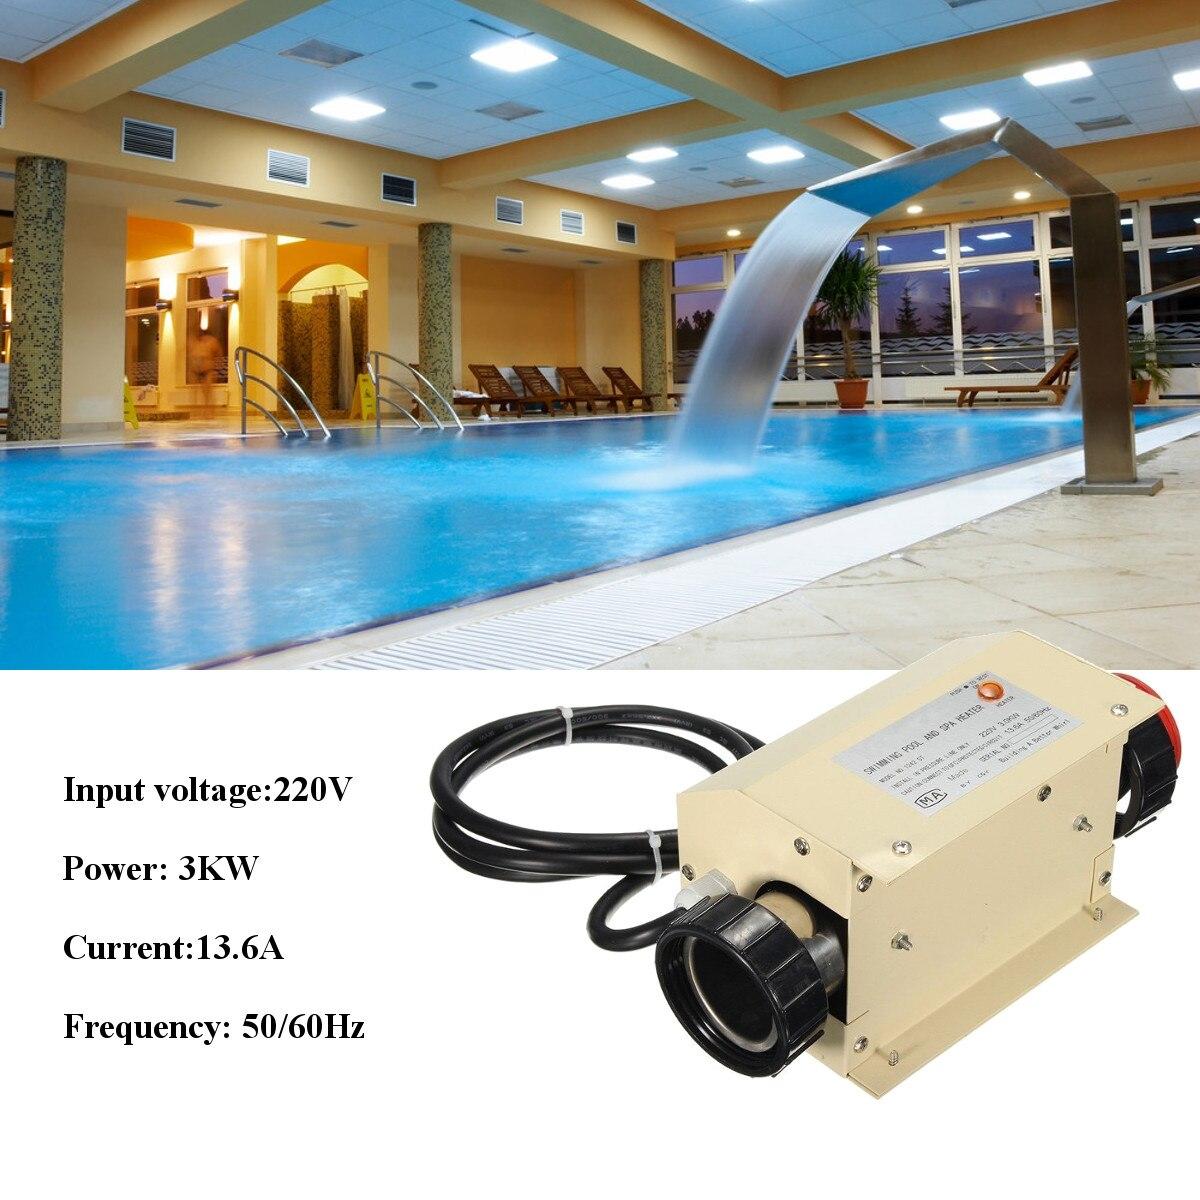 SPA Chauffe-Sports Nautiques 3KW Électrique Piscine SPA Bain Chauffage Baignoire Chauffe-Eau Thermostat 220 v Piscine Accessoires